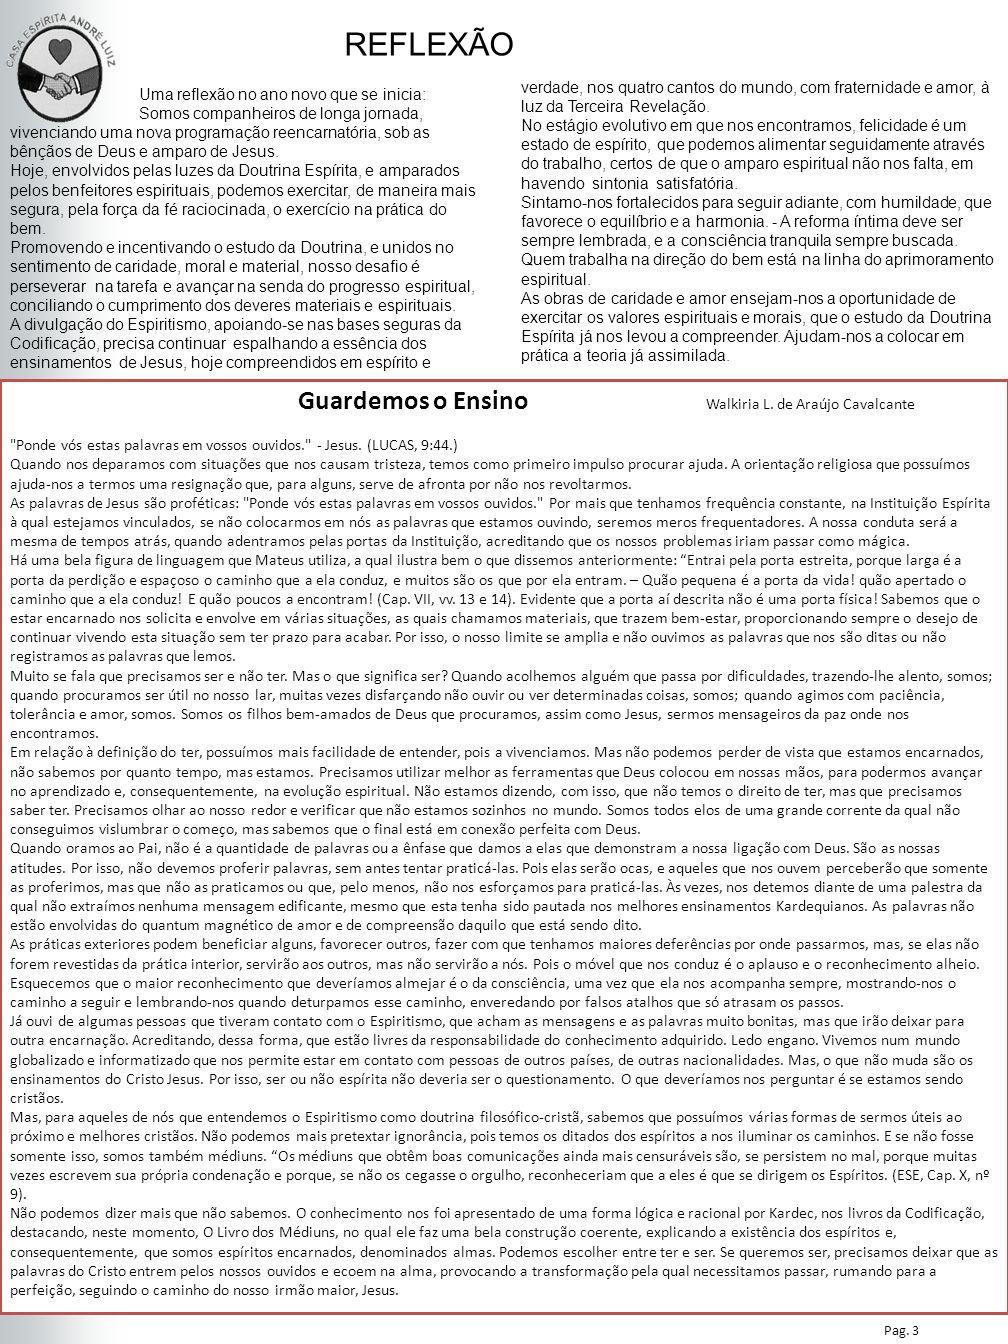 Nesta Edição Pag. 3 Guardemos o Ensino Walkiria L. de Araújo Cavalcante